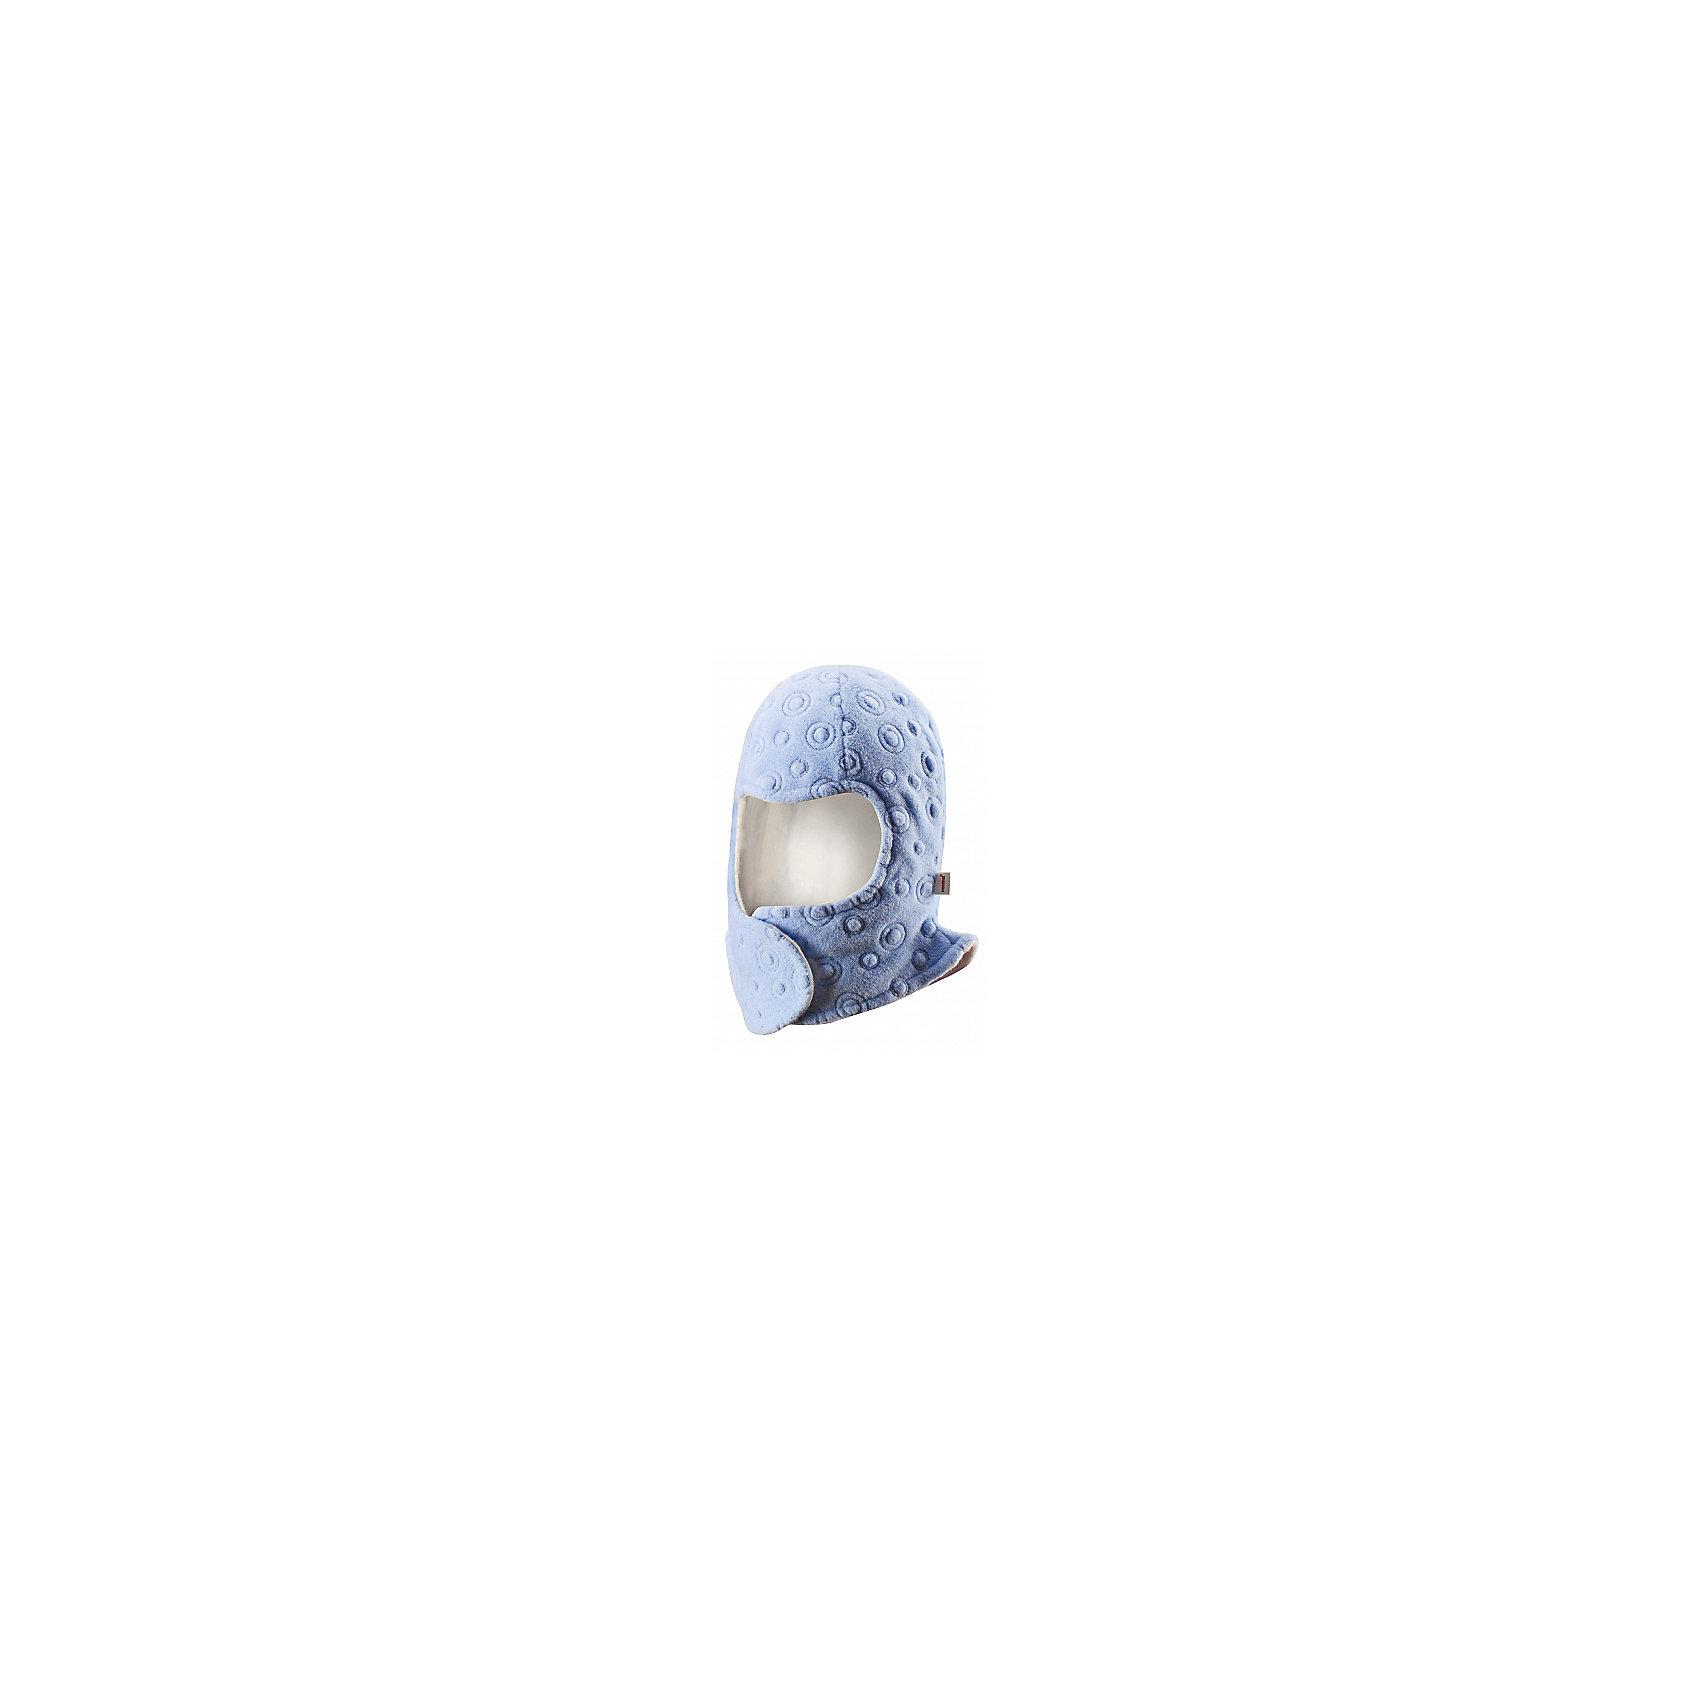 Шапка-шлем ReimaЗабавная, но в то же время функциональная балаклава - одна из наших новейших разработок! Предназначен для новорожденных и младенцев. Очень удобная липучка спереди облегчает одевание. Продуманный дизайн обеспечивает надежную защиту подбородка, шеи и щечек ребенка, а вставки в области ушей позволяют держать маленькие ушки в тепле! Легкая мягкая хлопчатобумажная подкладка не раздражает кожу, отлично подходит для зимы. Прекрасно сочетается с варежками Tyst!<br><br>Детская балаклава из флиса с вышивкой <br>Задние швы отсутствуют<br>Легкая мягкая хлопчатобумажная подкладка с начесом<br>Ветронепроницаемые вставки в области ушей<br>Спереди на липучке<br>Сочетается с варежками 517116 Tyst<br>Состав:<br>100% ПЭ<br><br><br>Шапку-шлем Reima (Рейма) можно купить в нашем магазине.<br><br>Ширина мм: 89<br>Глубина мм: 117<br>Высота мм: 44<br>Вес г: 155<br>Цвет: голубой<br>Возраст от месяцев: 4<br>Возраст до месяцев: 6<br>Пол: Унисекс<br>Возраст: Детский<br>Размер: 44-46,36,40-42<br>SKU: 4208590